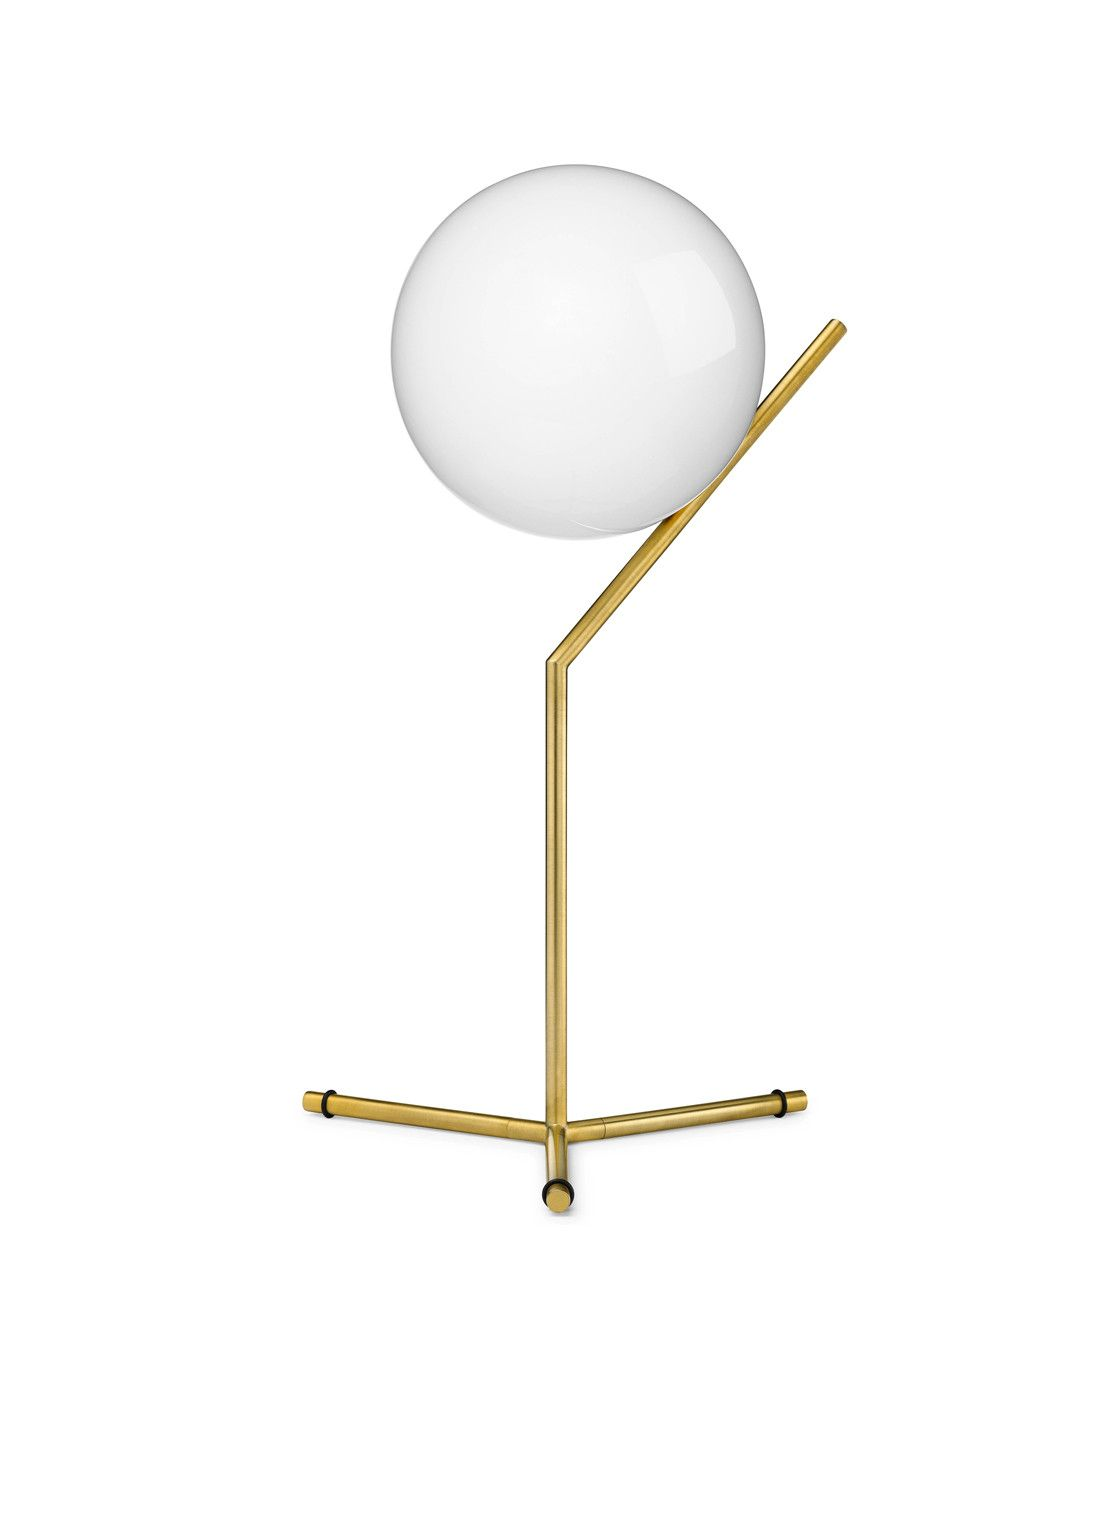 De Flos IC Lights T1 High tafellamp is gemaakt van staal en geblazen glas. De…